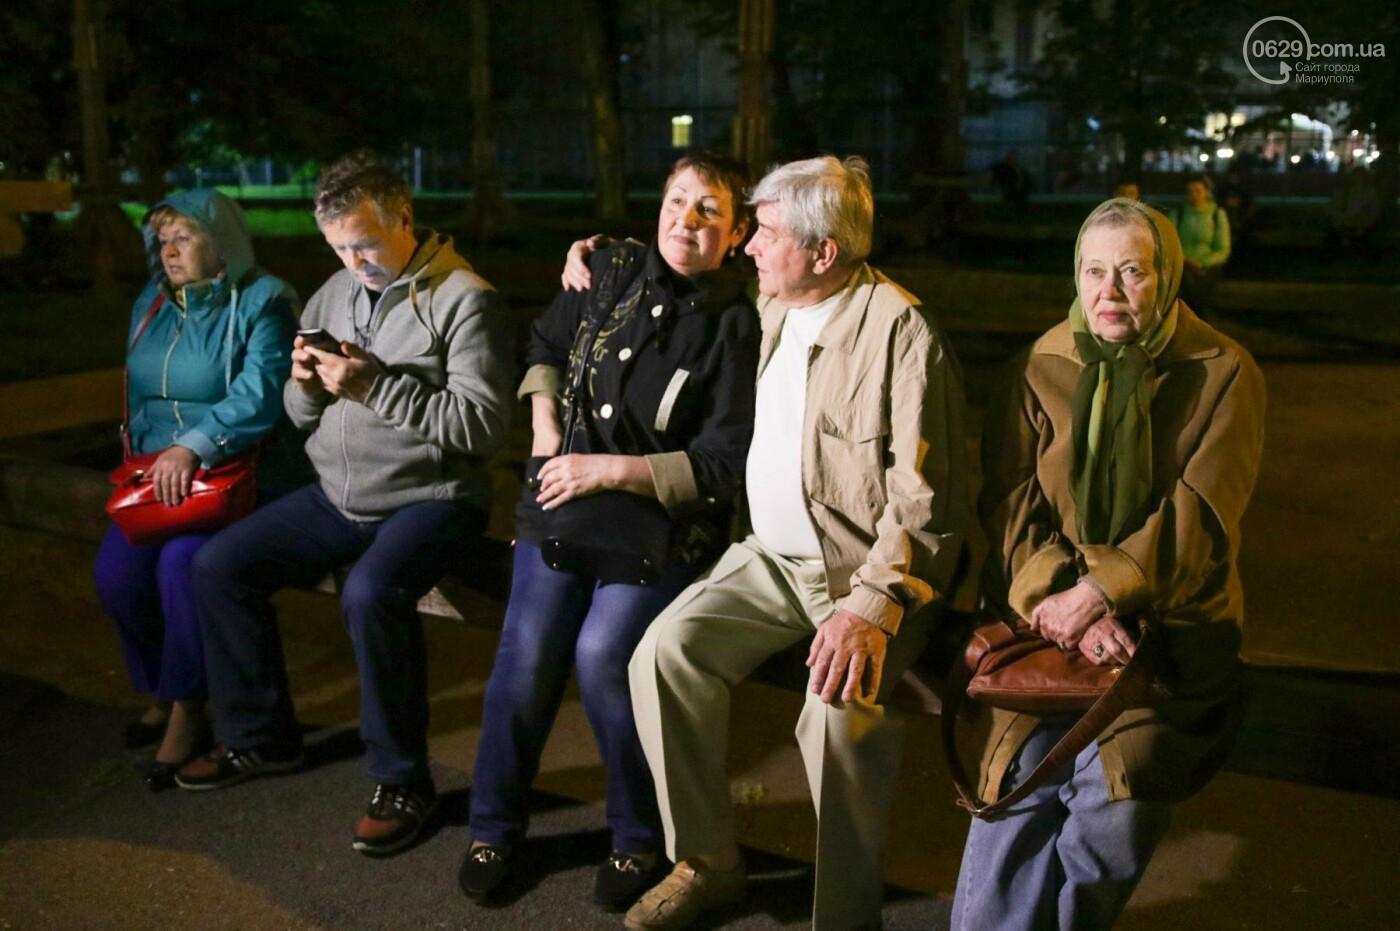 Концерт Dakh Daughters в Городском саду: фееричное открытие ГогольFesta в Мариуполе (ФОТОРЕПОРТАЖ, ВИДЕО), фото-10